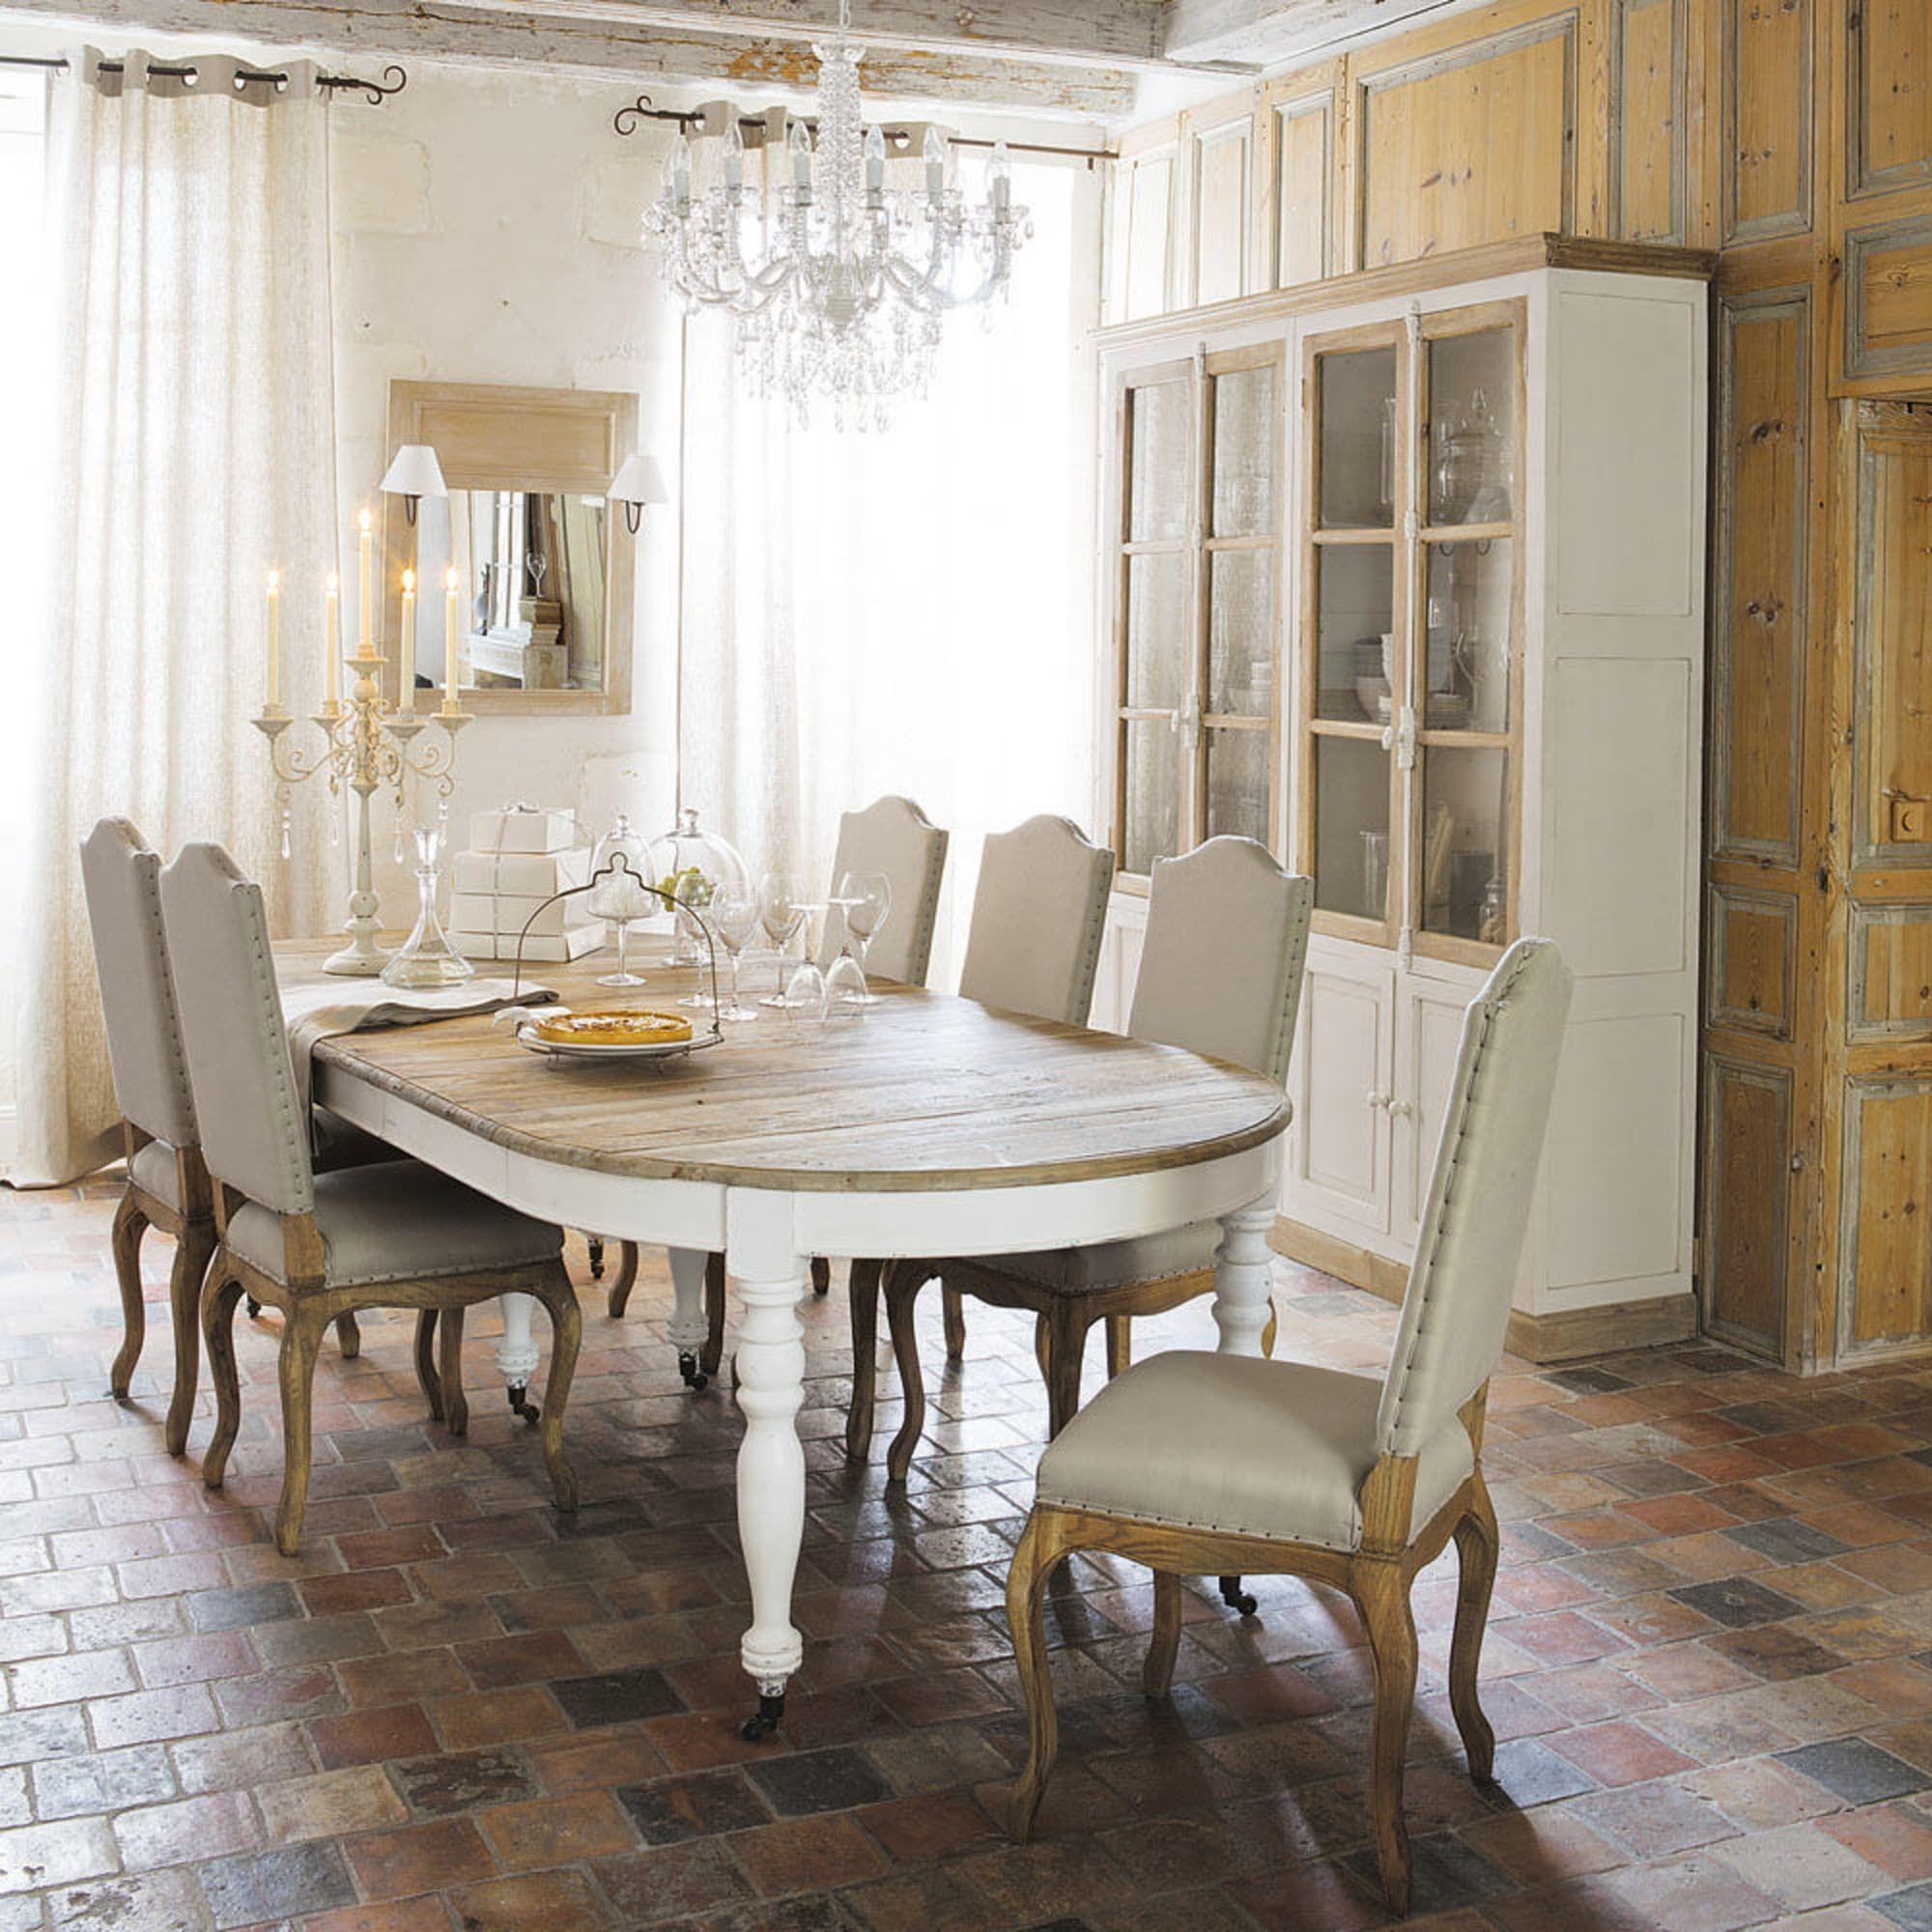 Table A Manger Extensible A Roulettes 6 14 Personnes L125 325 Provence Maisons Du Monde Table Salle A Manger Table A Manger Extensible Salle A Manger Bois